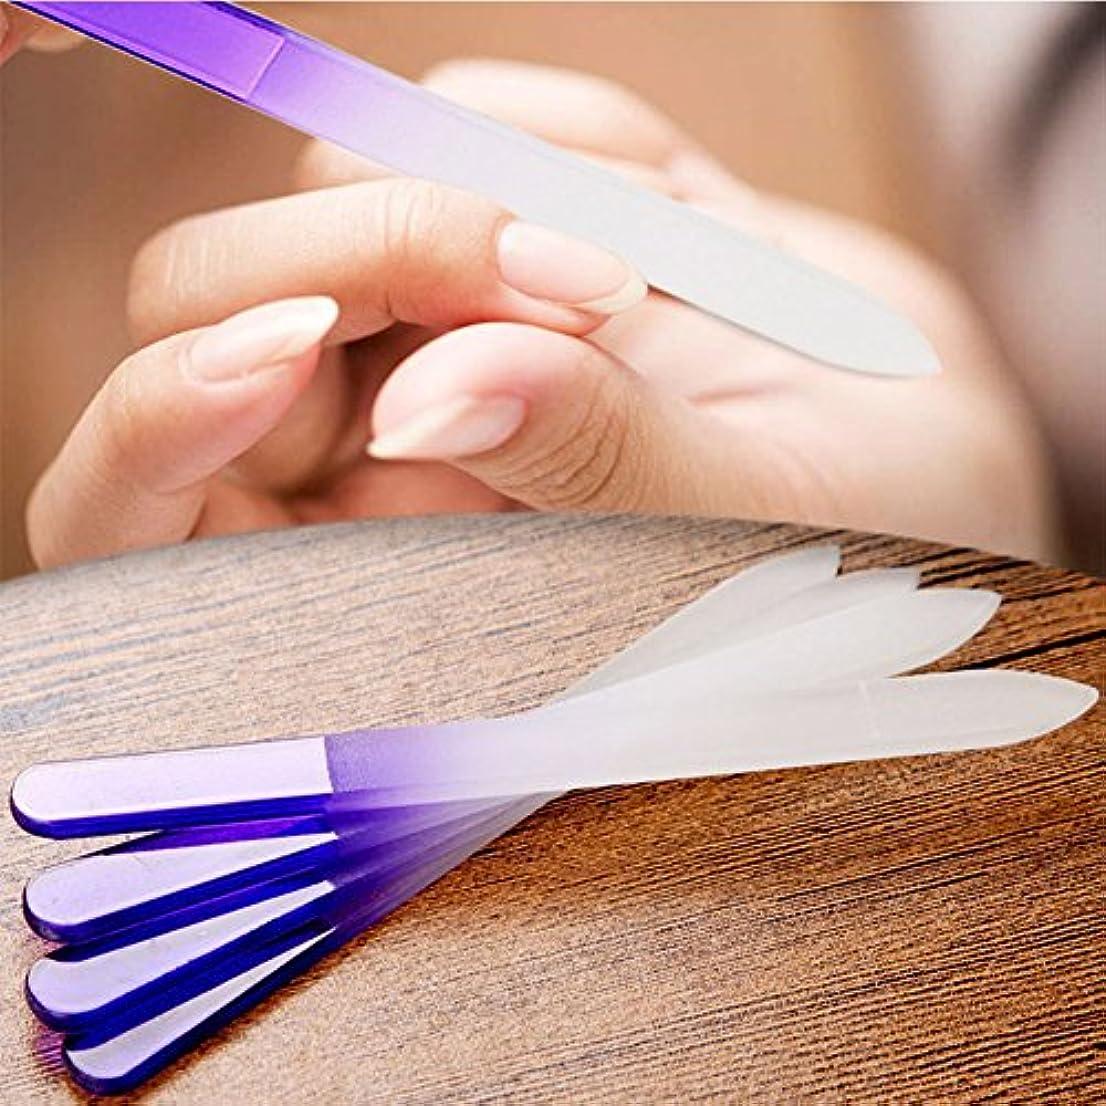 チキン偽含めるLiebeye マニキュア ネイル ファイル クリスタル ガラス ファイルバッファー 装置研磨 ネイル アート 装飾 ツール 4本